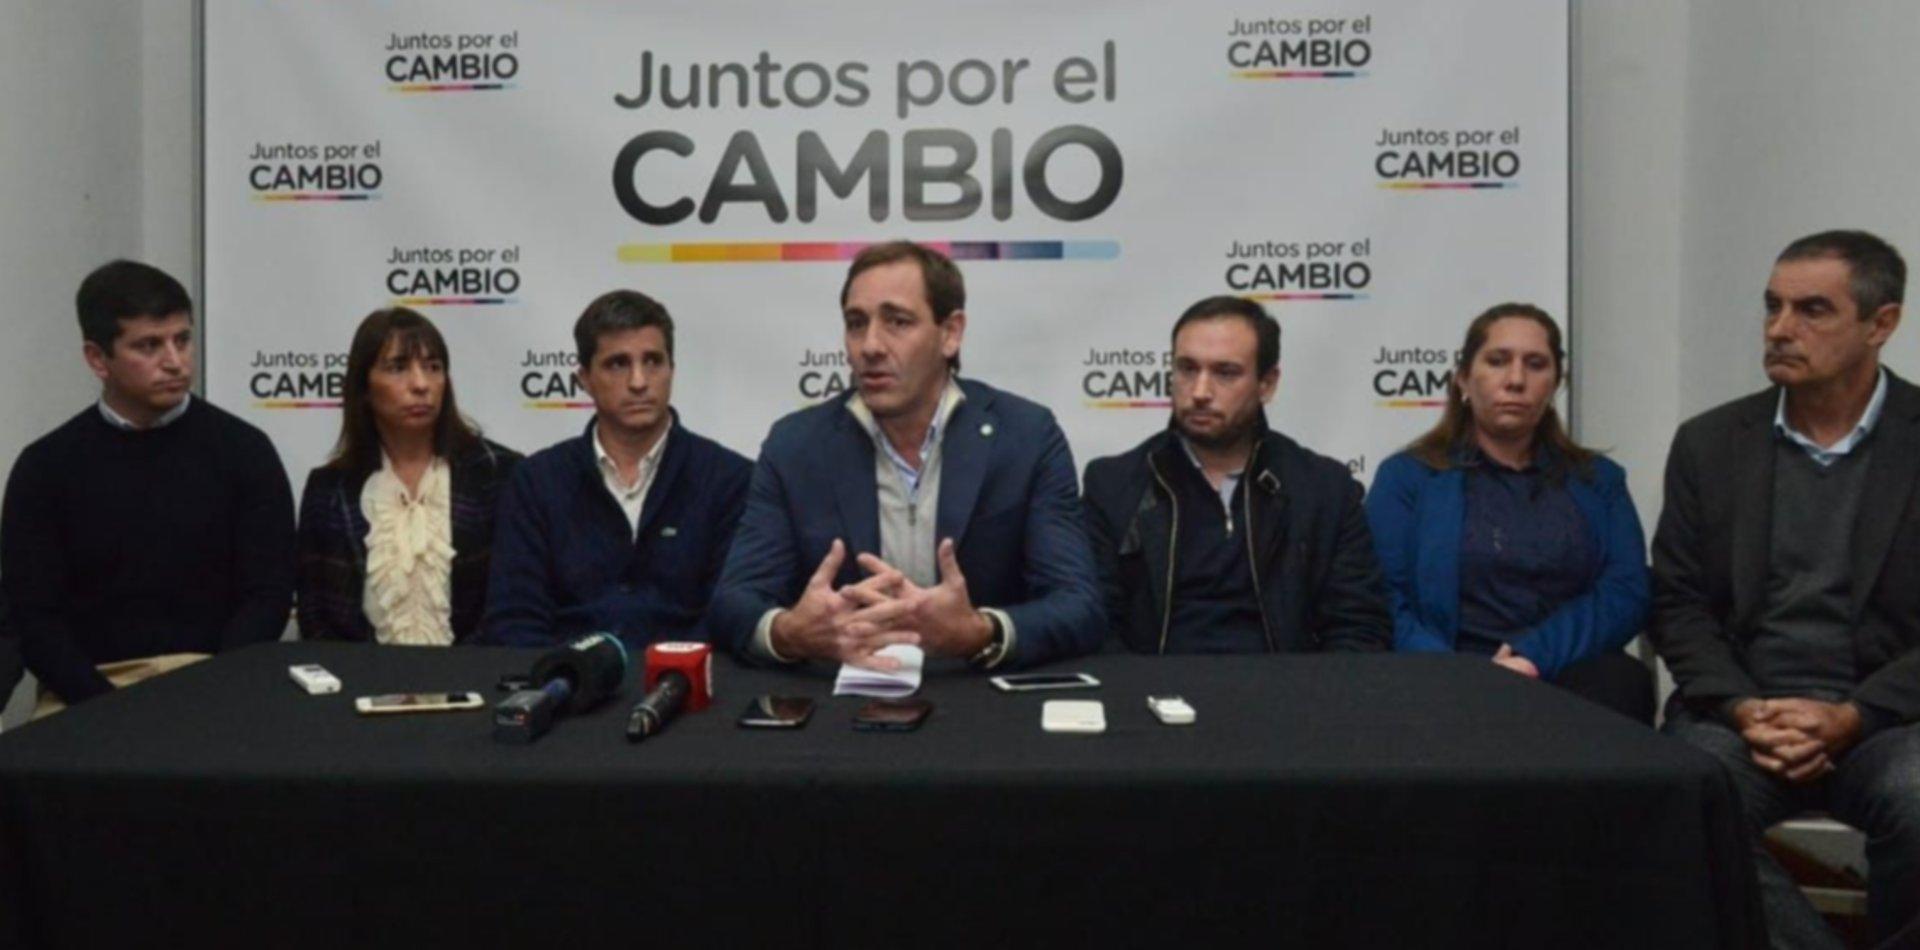 ¿Cómo se reacomoda el Gabinete de Julio Garro tras el cierre de lista de Juntos por el Cambio en La Plata?